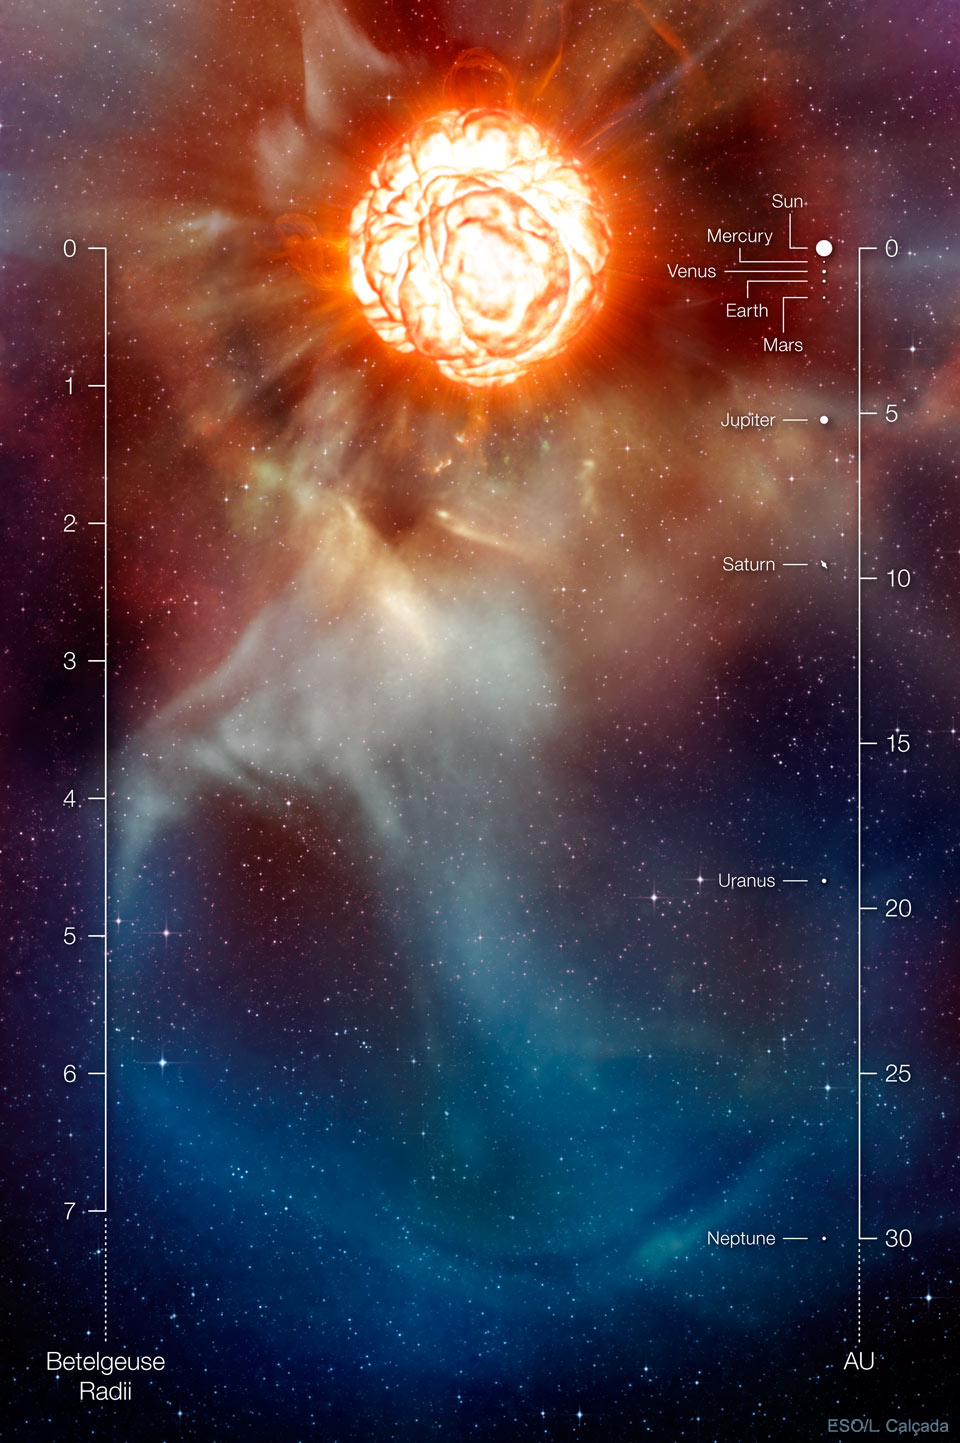 Pourquoi l\'éclat de Bételgeuse faiblit-il ? - Bételgeuse a vu son éclat diminuer de plus de moitié depuis les cinq derniers mois. Serait-ce le signe qu\'elle va bientôt exploser en supernova ?